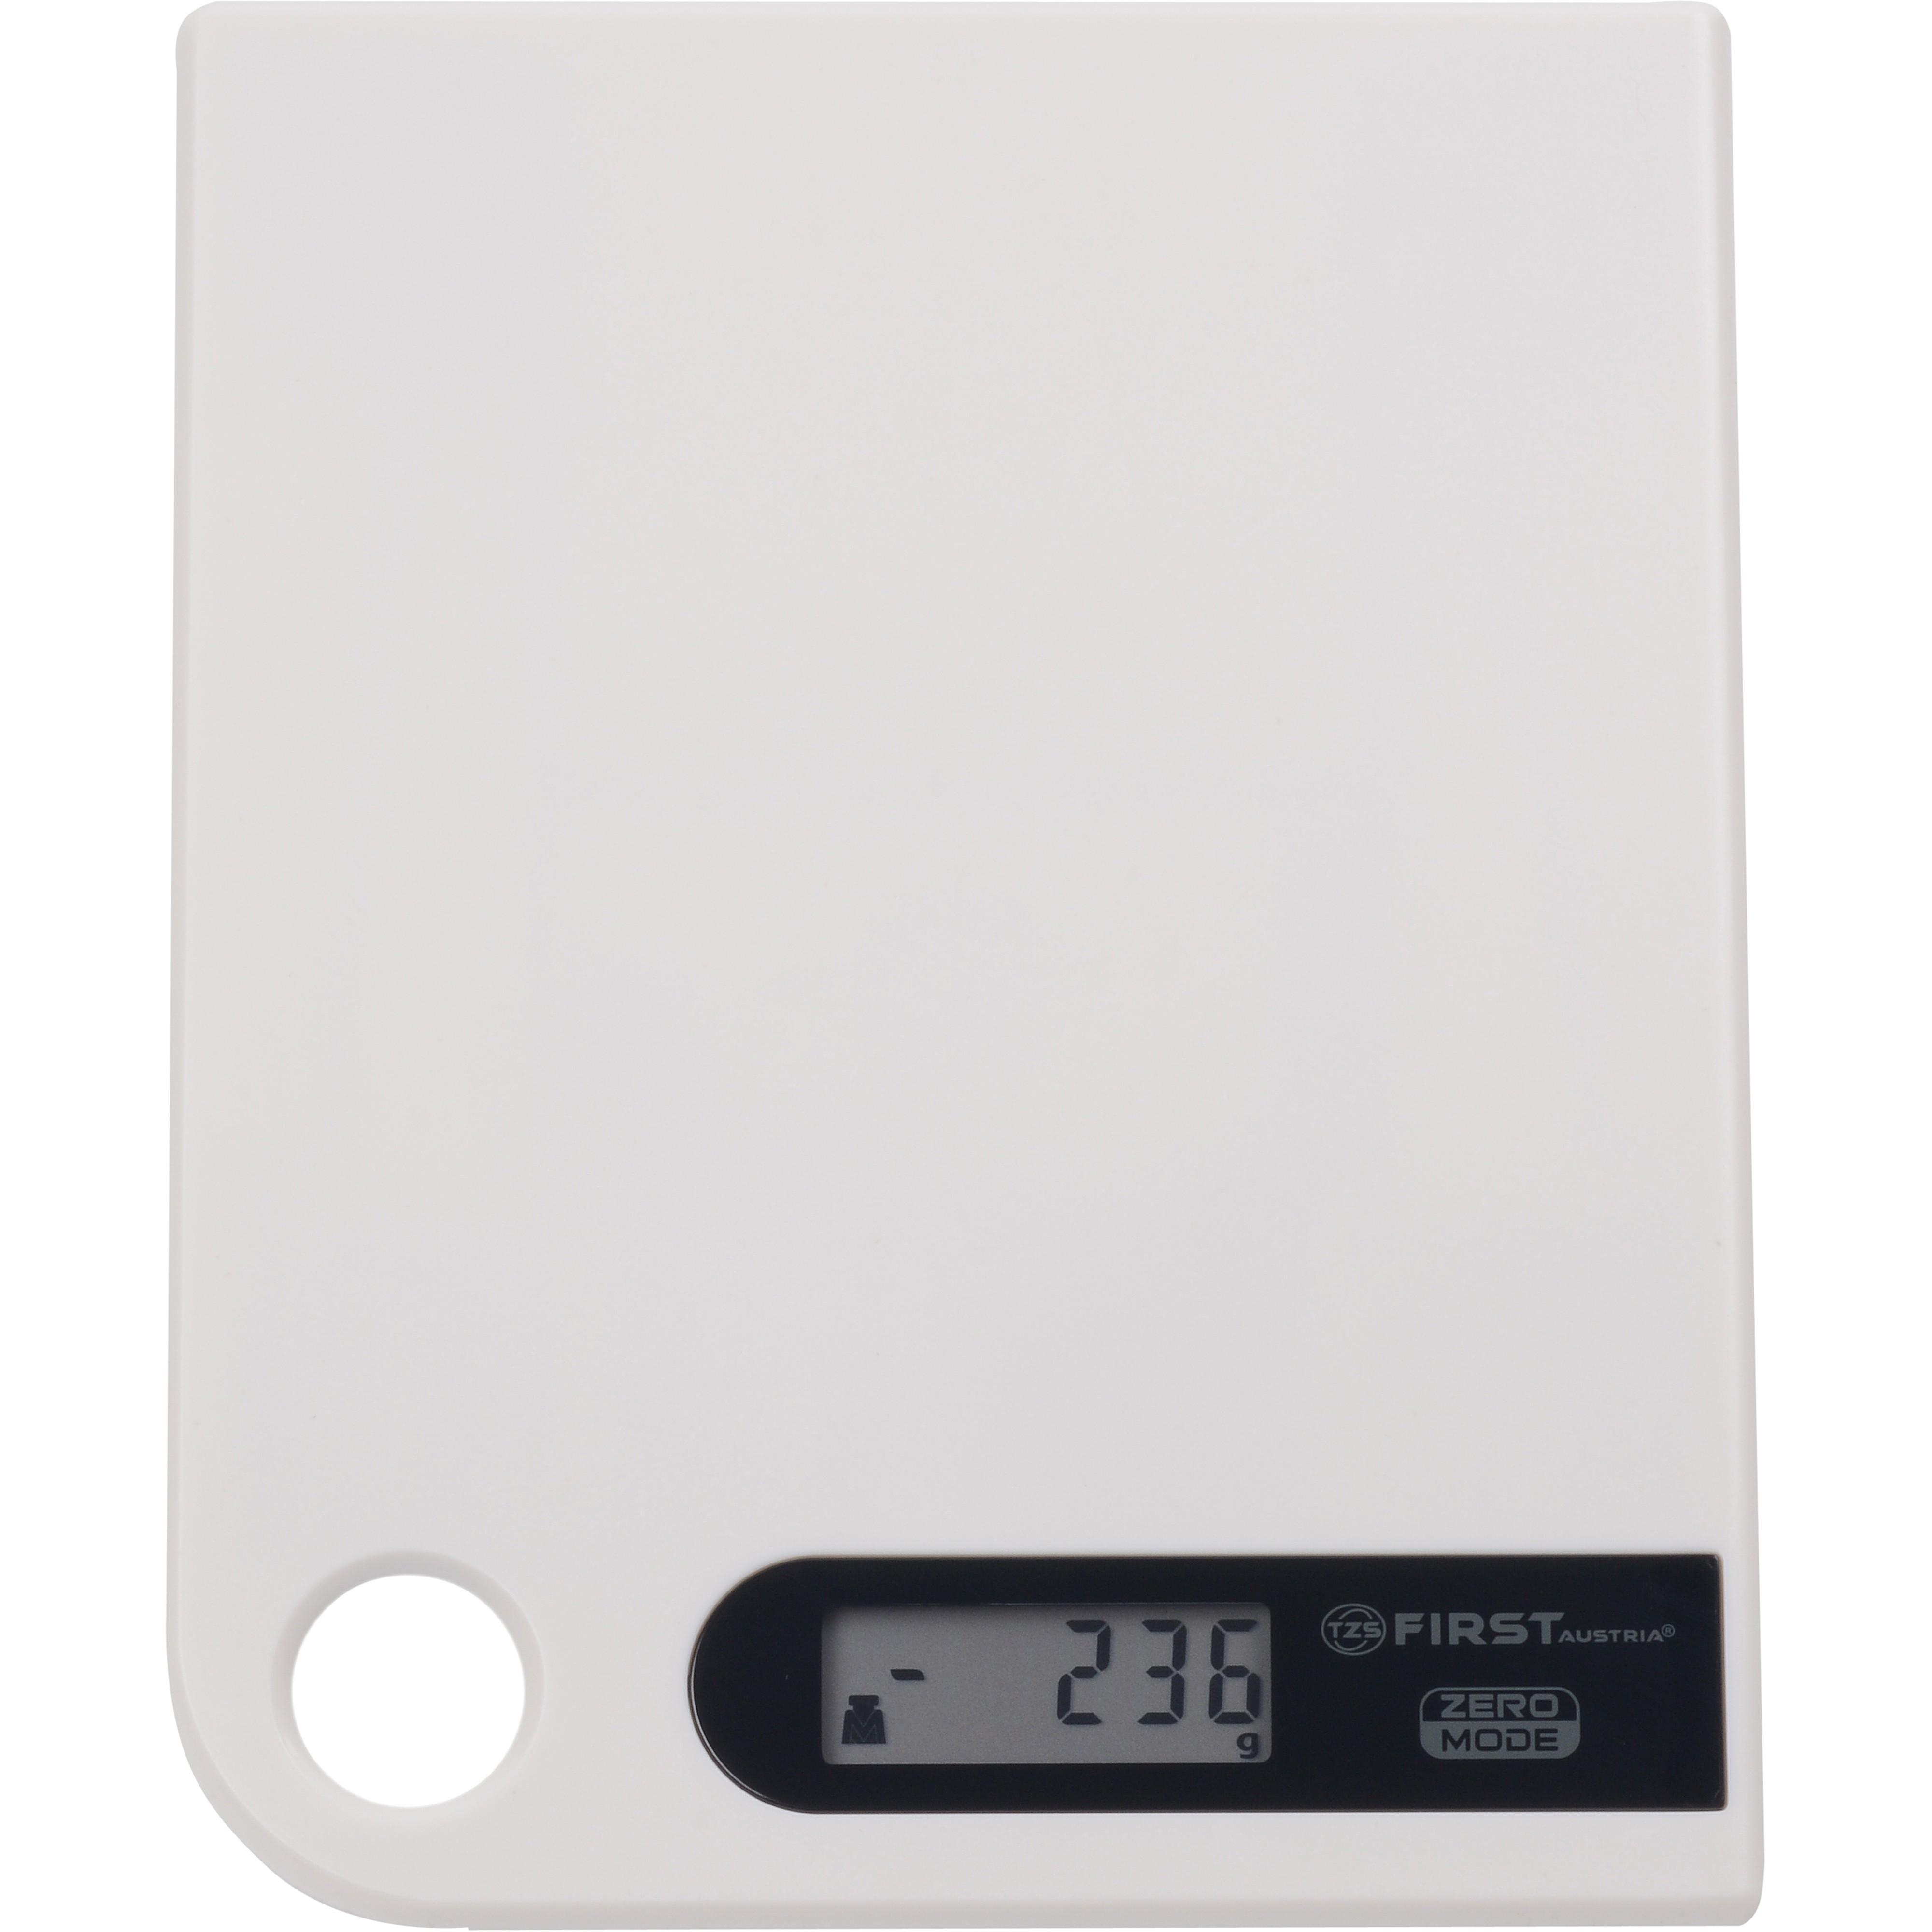 Весы кухонные FIRST 6401-1 greyКухонные весы<br>Простые и удобные для использования цифровые весы First 6401-1 с петлей для подвешивания всегда будут под рукой.<br>